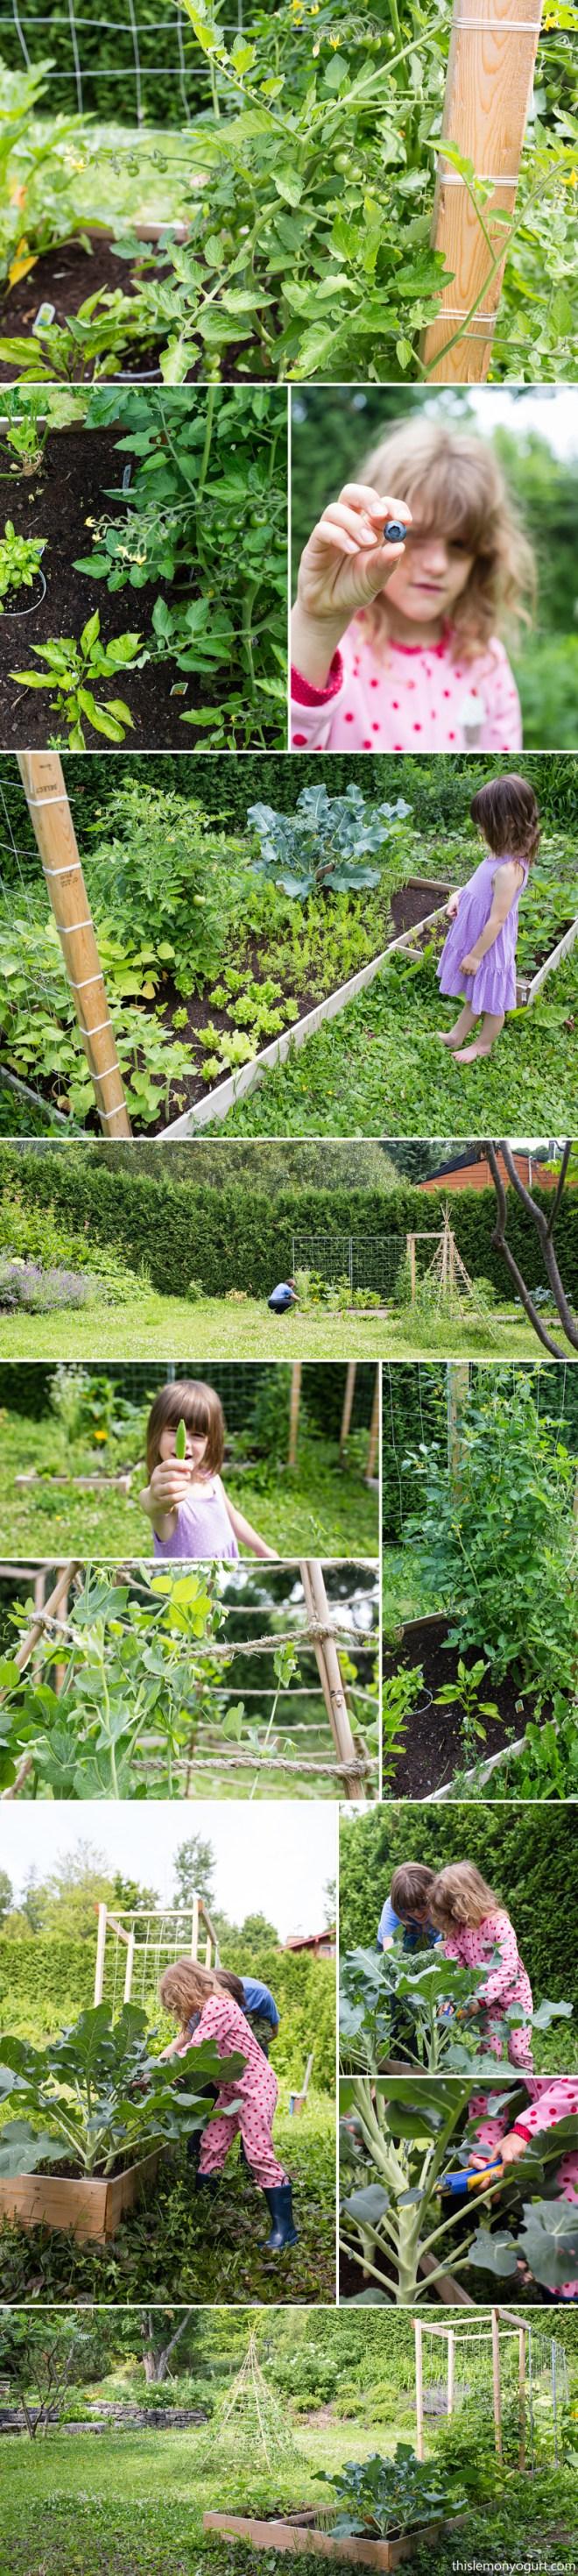 garden-08